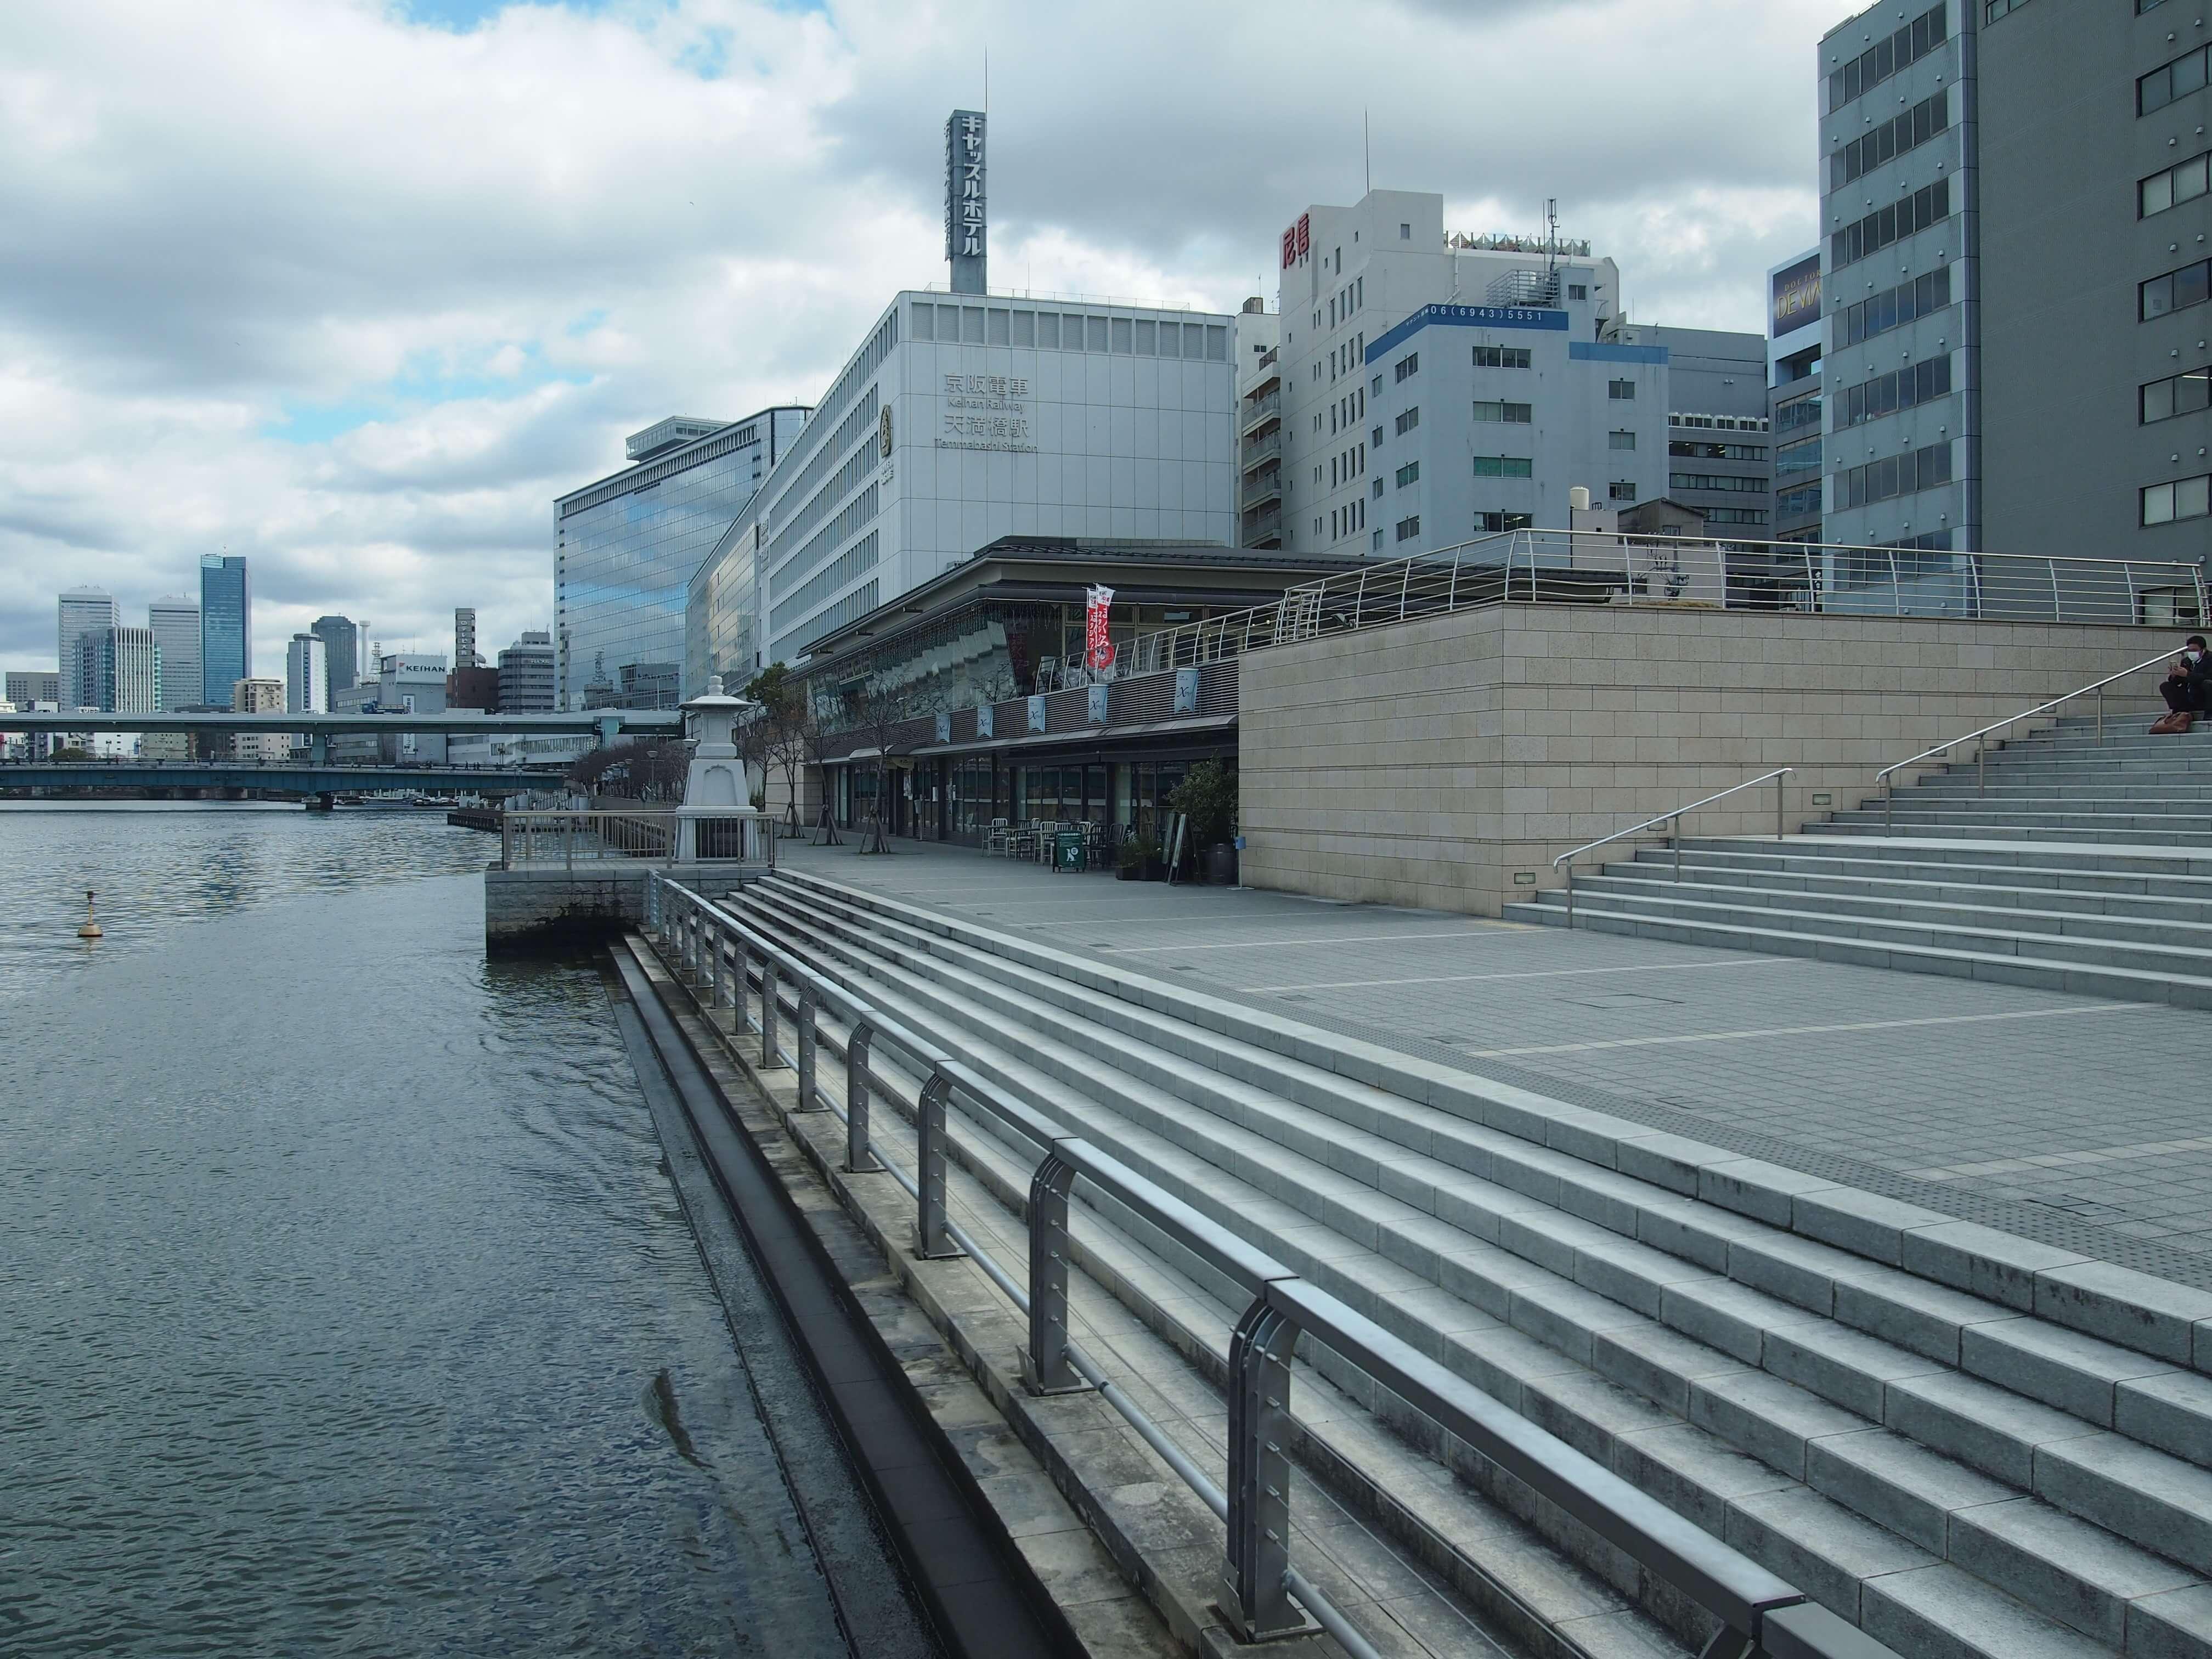 """企画宣伝部の事務所があるのは、京阪天満橋駅にほど近い「川の駅はちけんや」。内部には「大阪シティサップ」の事務所や「大阪ダッグツアー」の発着所、レストランなどもあり、大阪の""""水辺遊び""""の基地ともいえる施設。"""